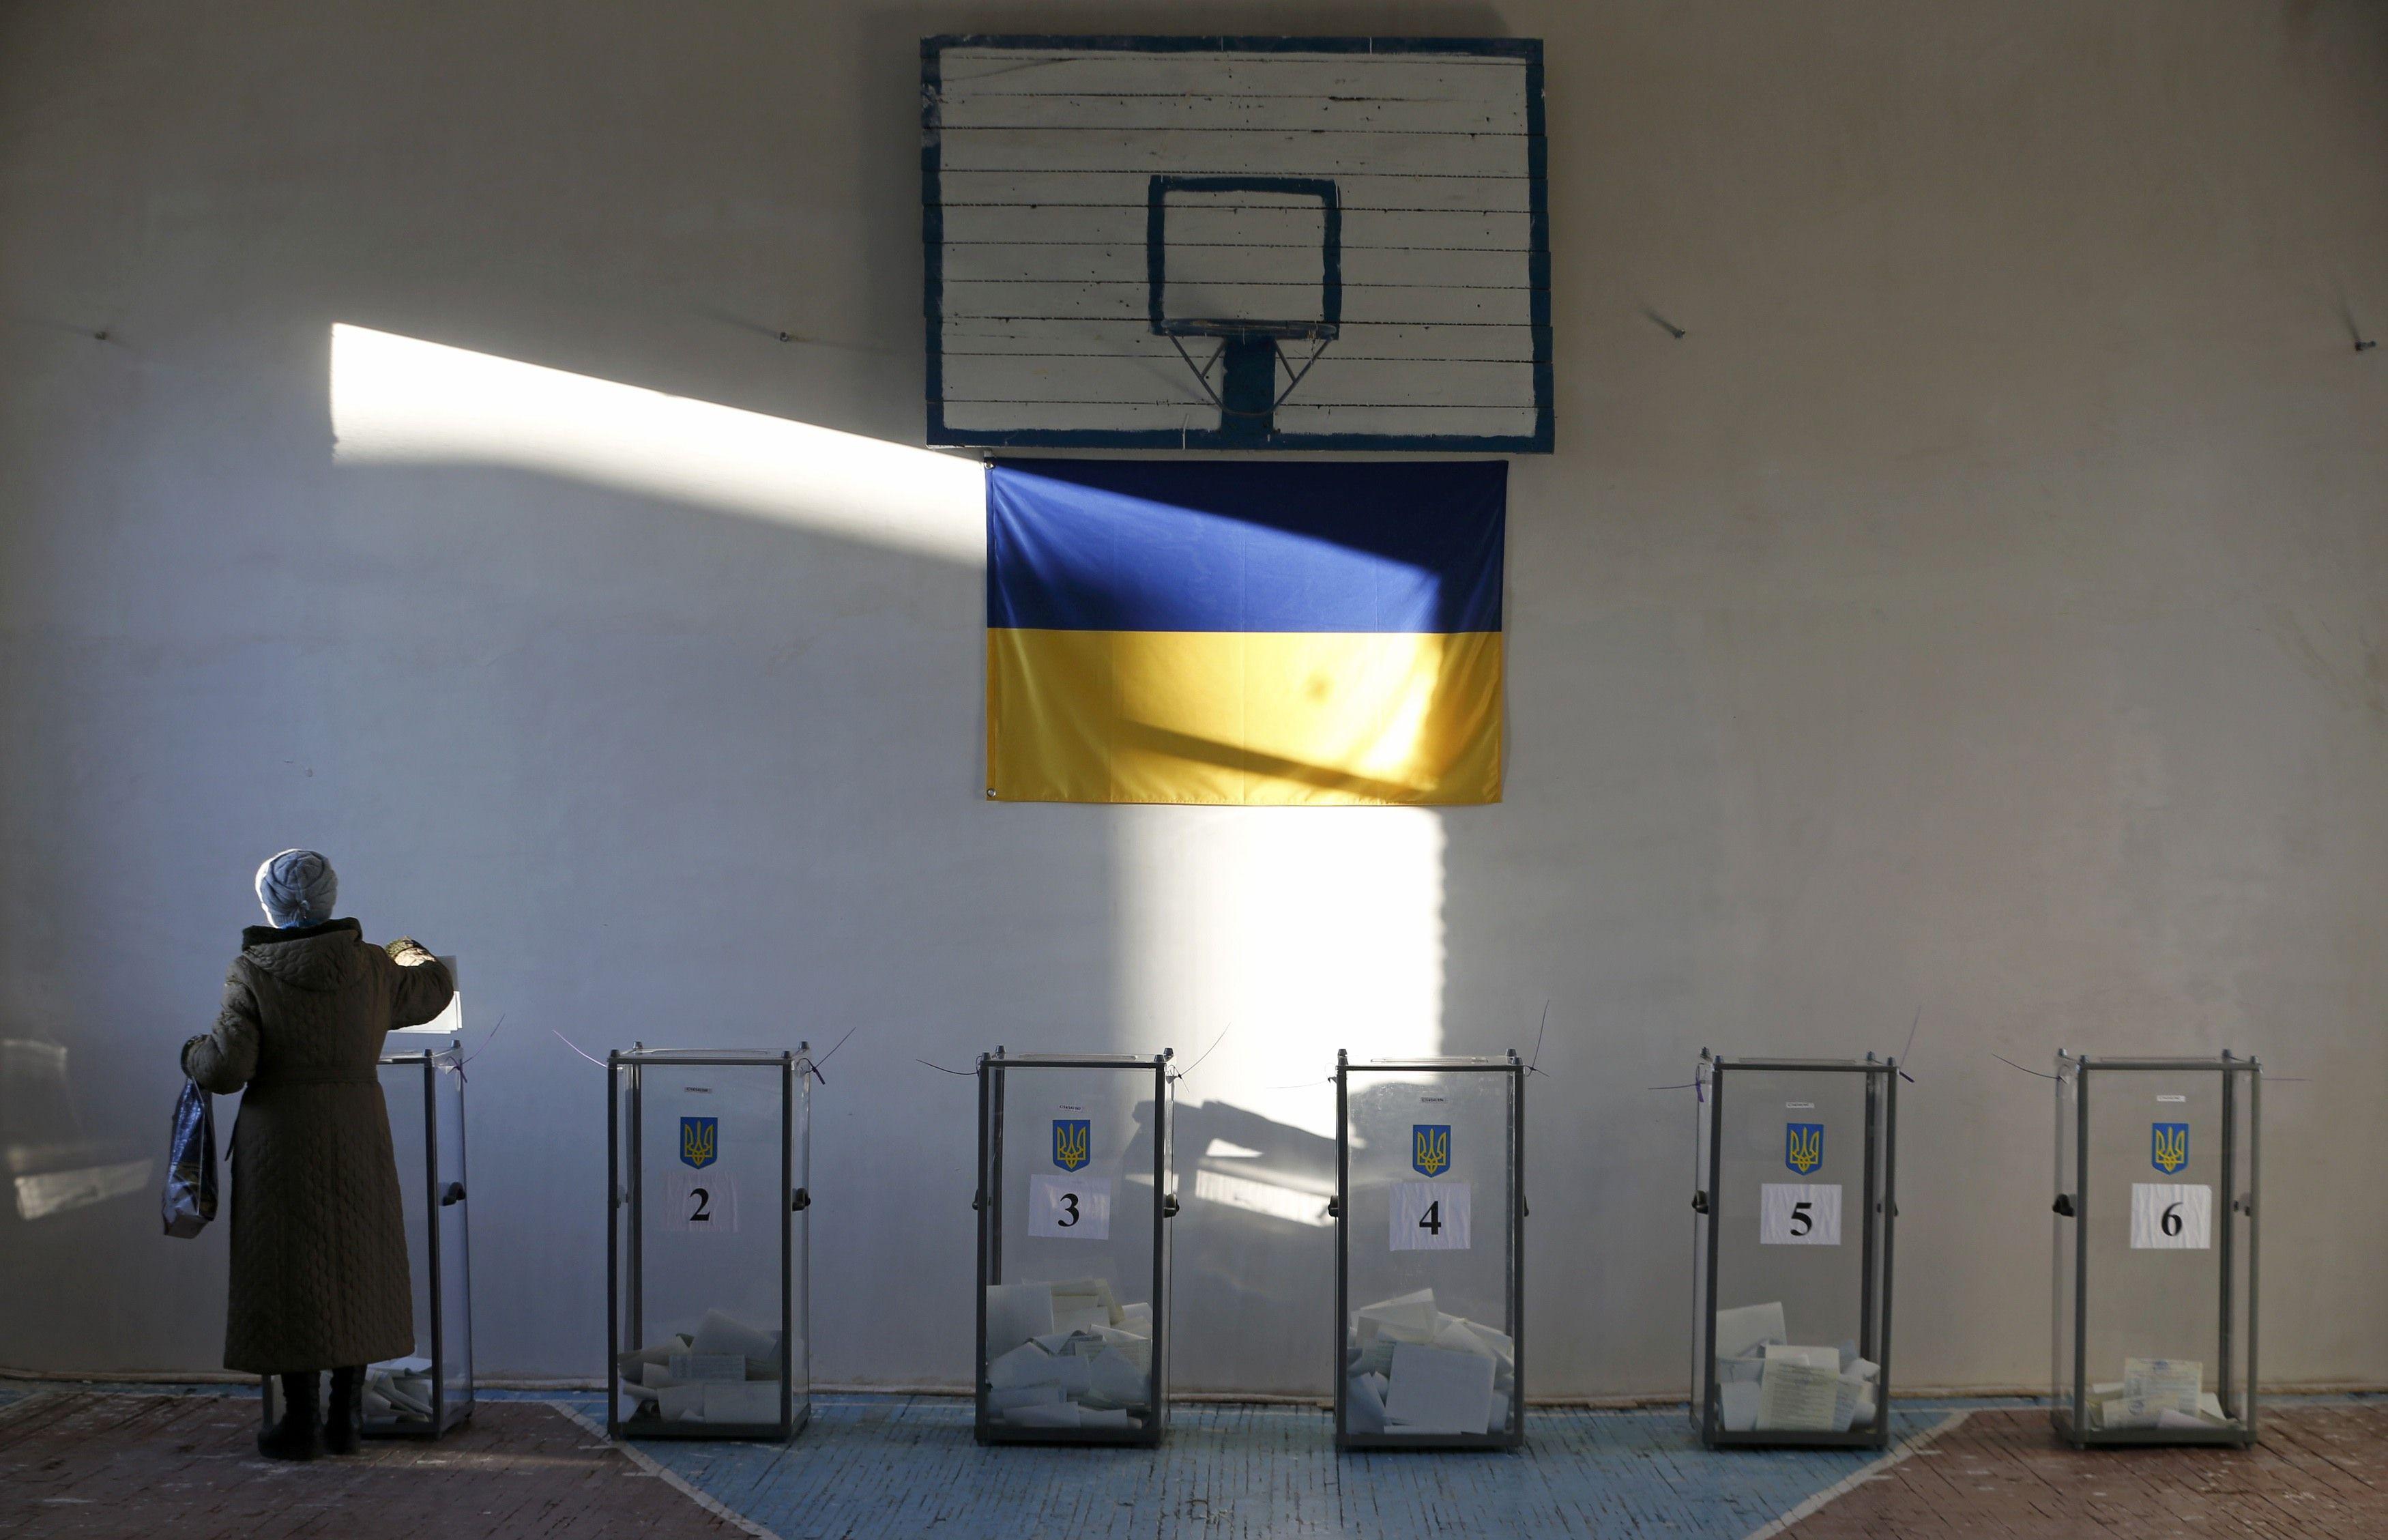 По состоянию на 11:00, явка избирателей составляет 16,08%, – ЦИК